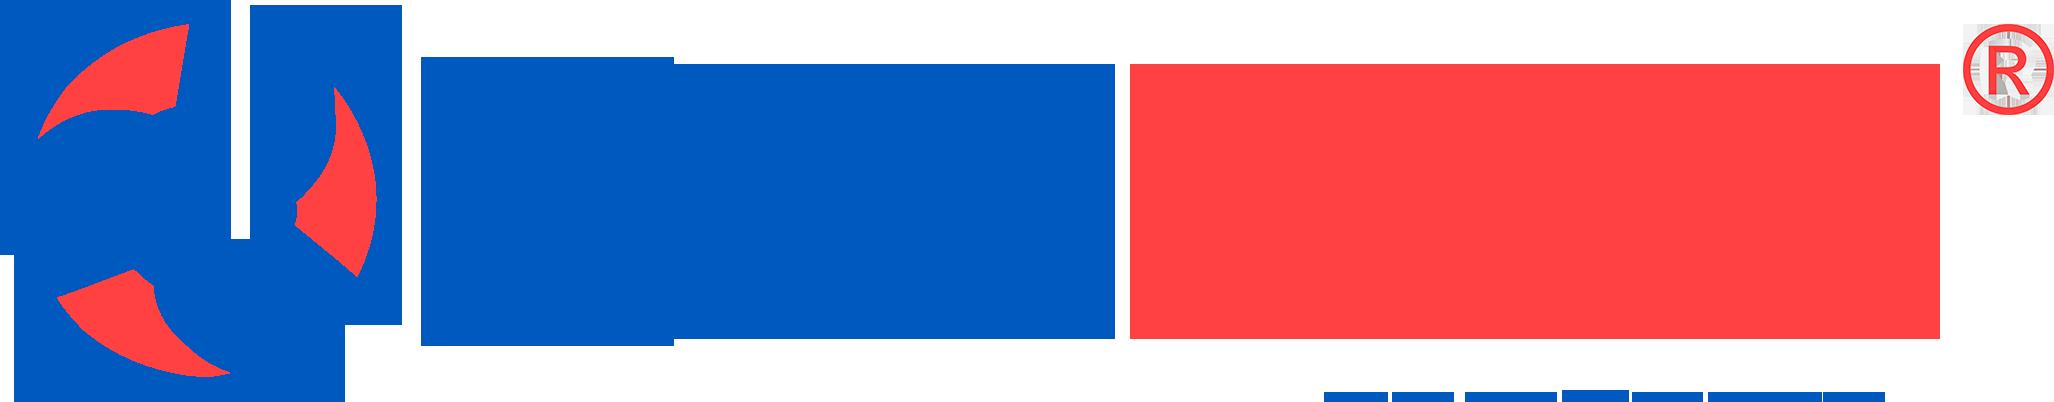 Seabike